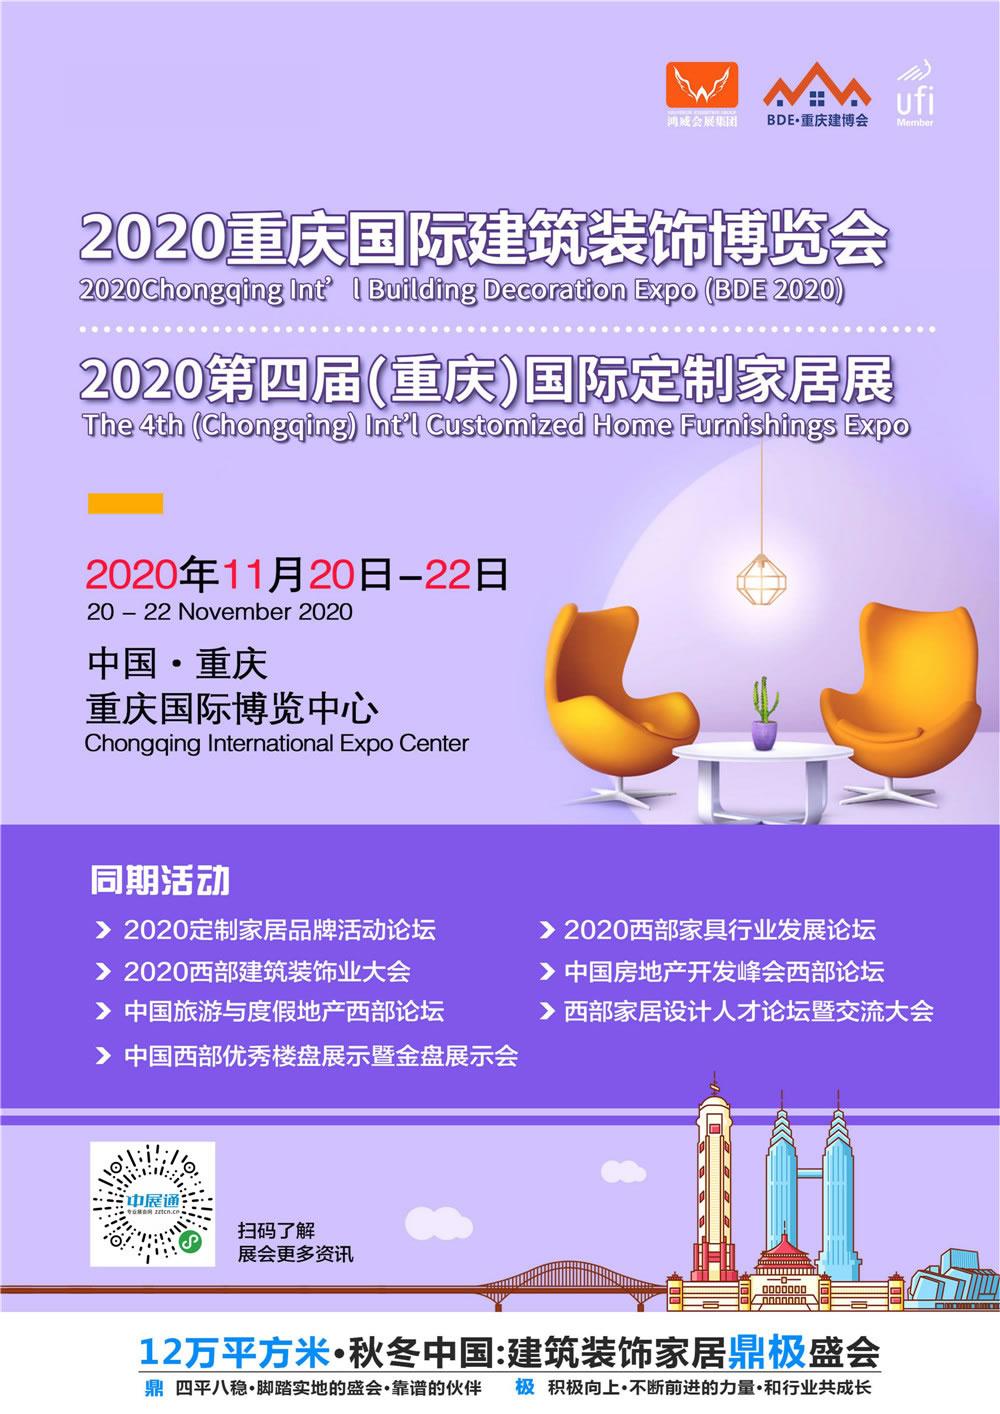 2020重庆定制家居_1.jpg